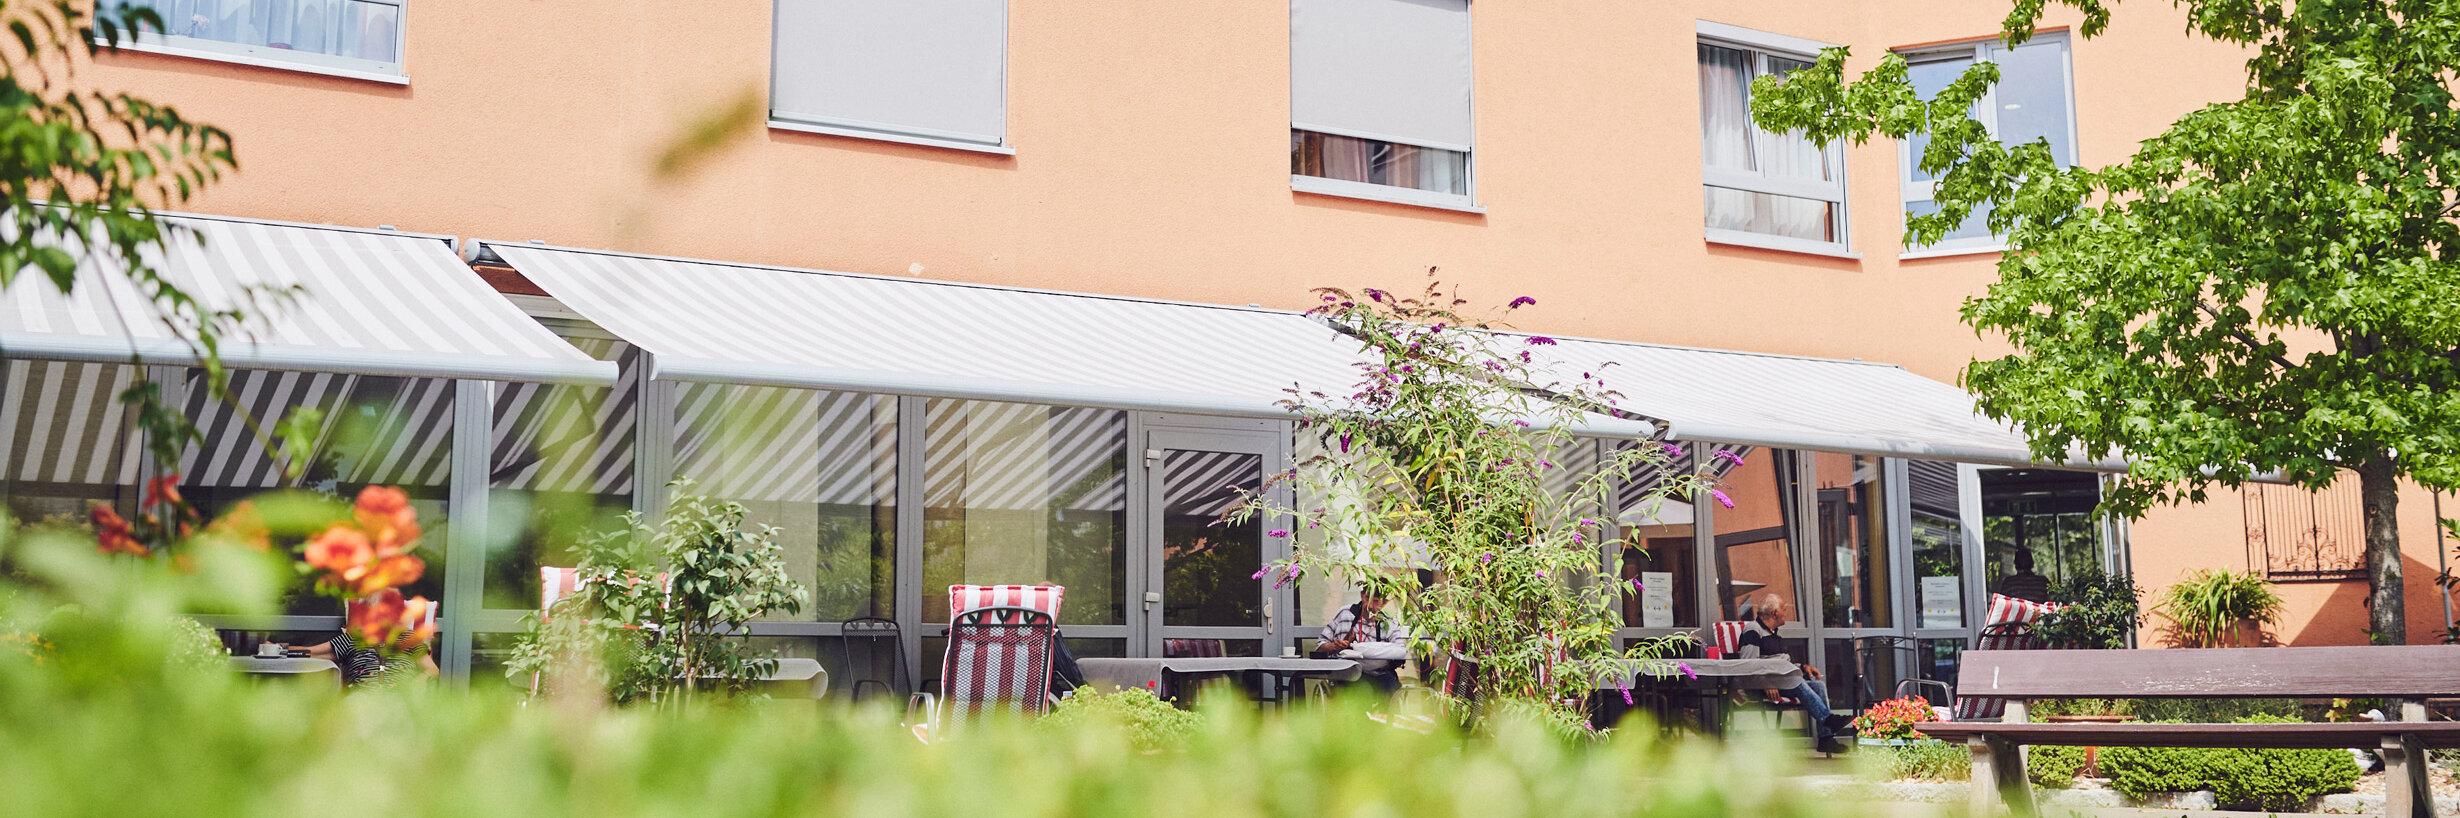 Sicht zur gemütlichen Innenhofseite und den überdachten Sitzbereichen des Johanniter-Hauses Köln Zollstock.